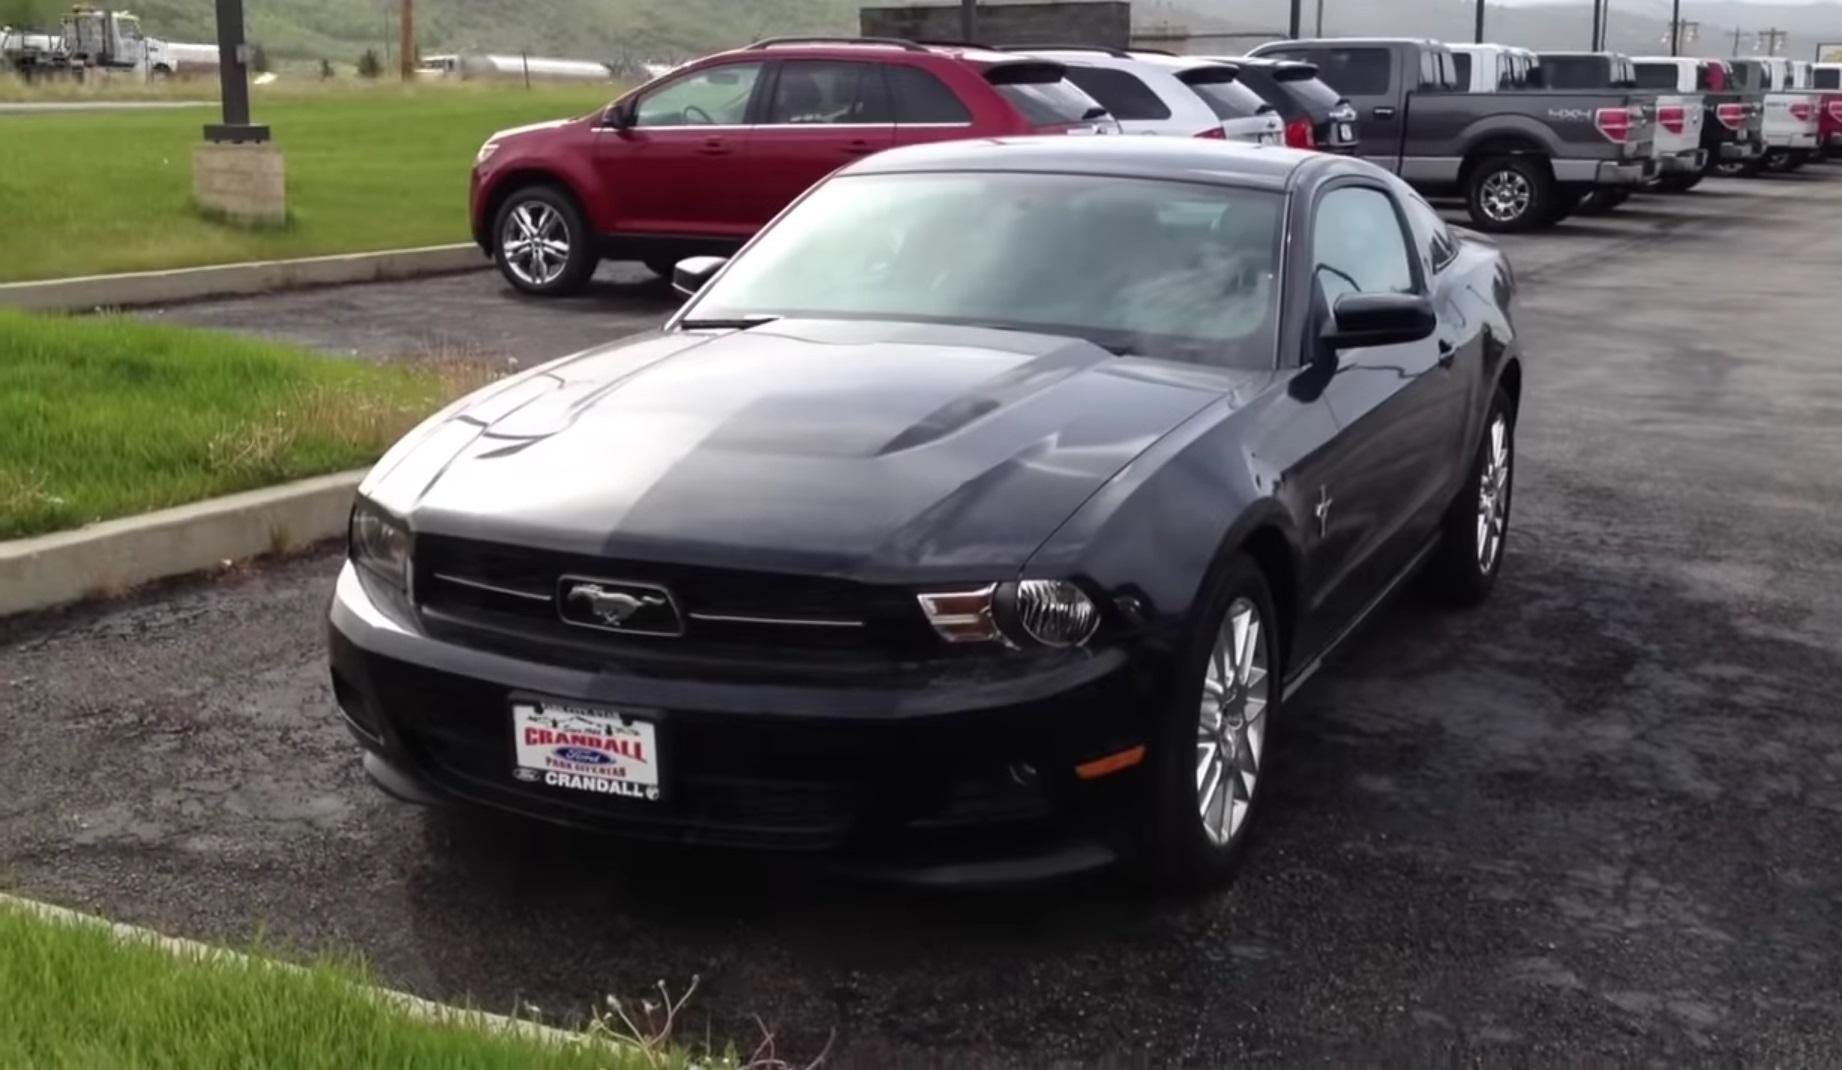 Video: 2012 Ford Mustang V6 Full Tour